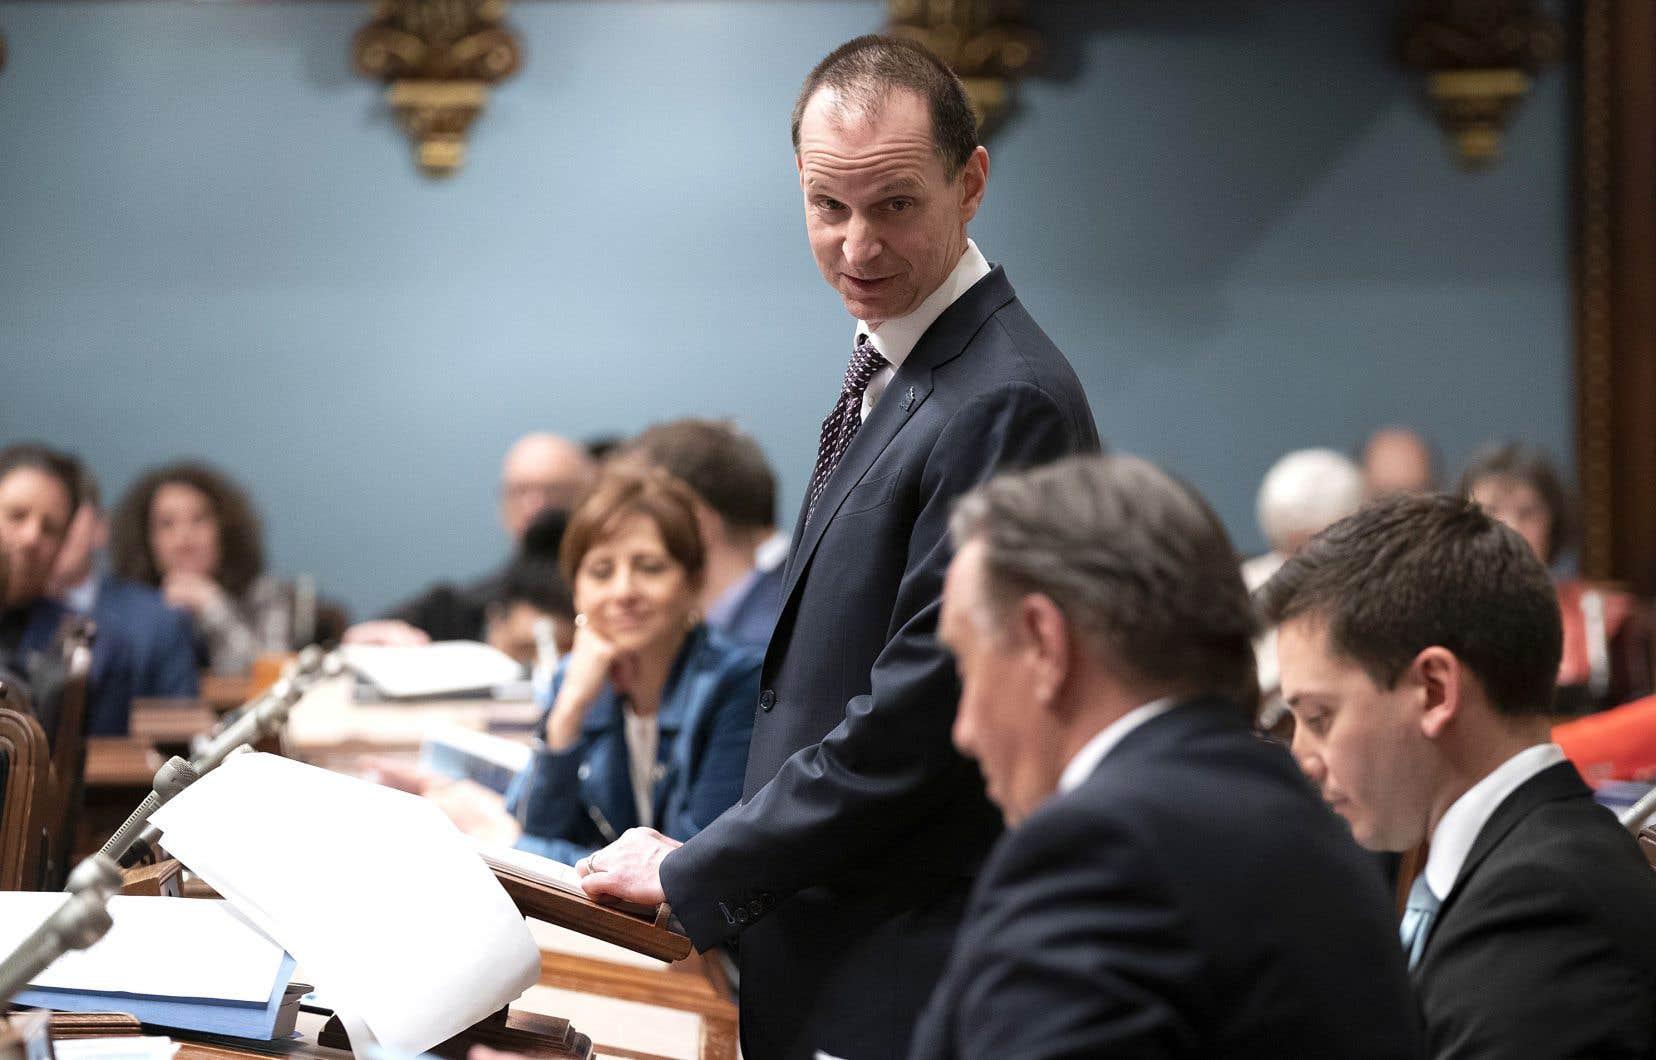 Le ministre Eric Girard jette un coup d'œil au premier ministre Legault lors de la présentation de son premier budget, jeudi, à l'Assemblée nationale.